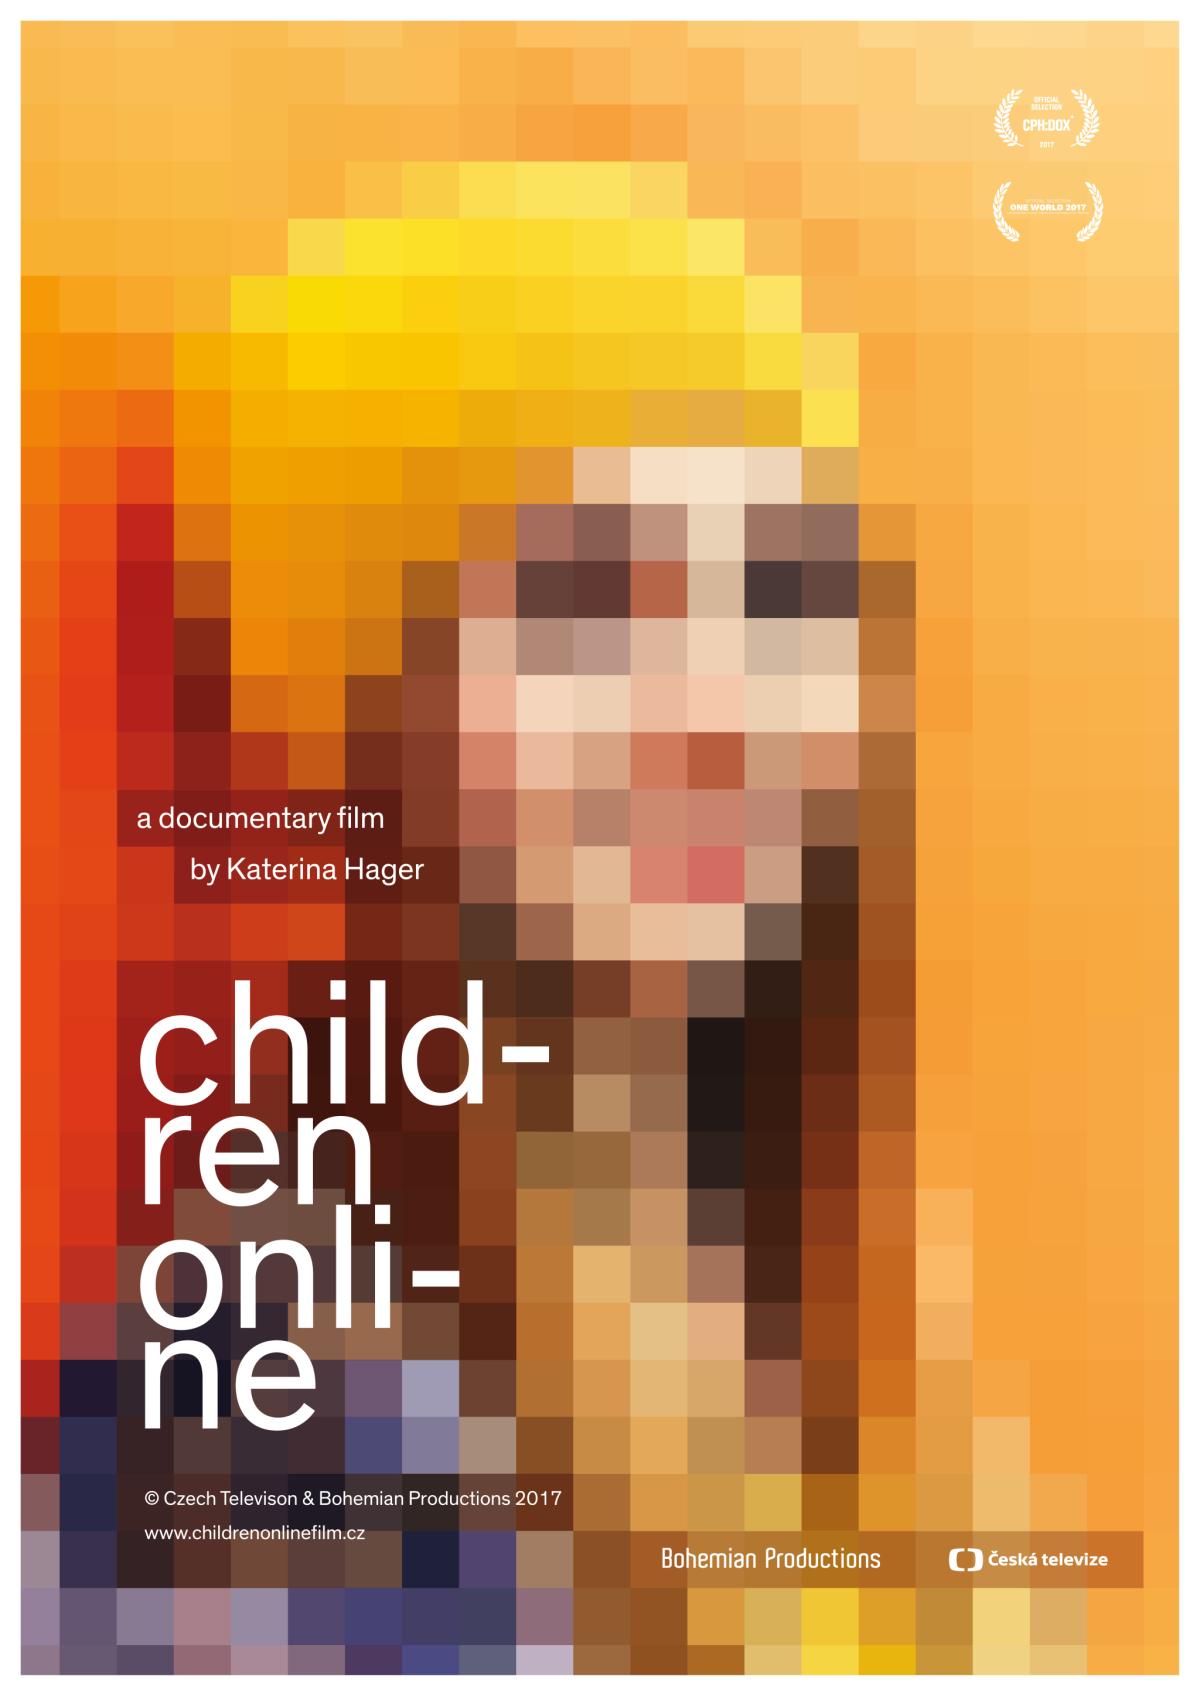 children online poster.jpg